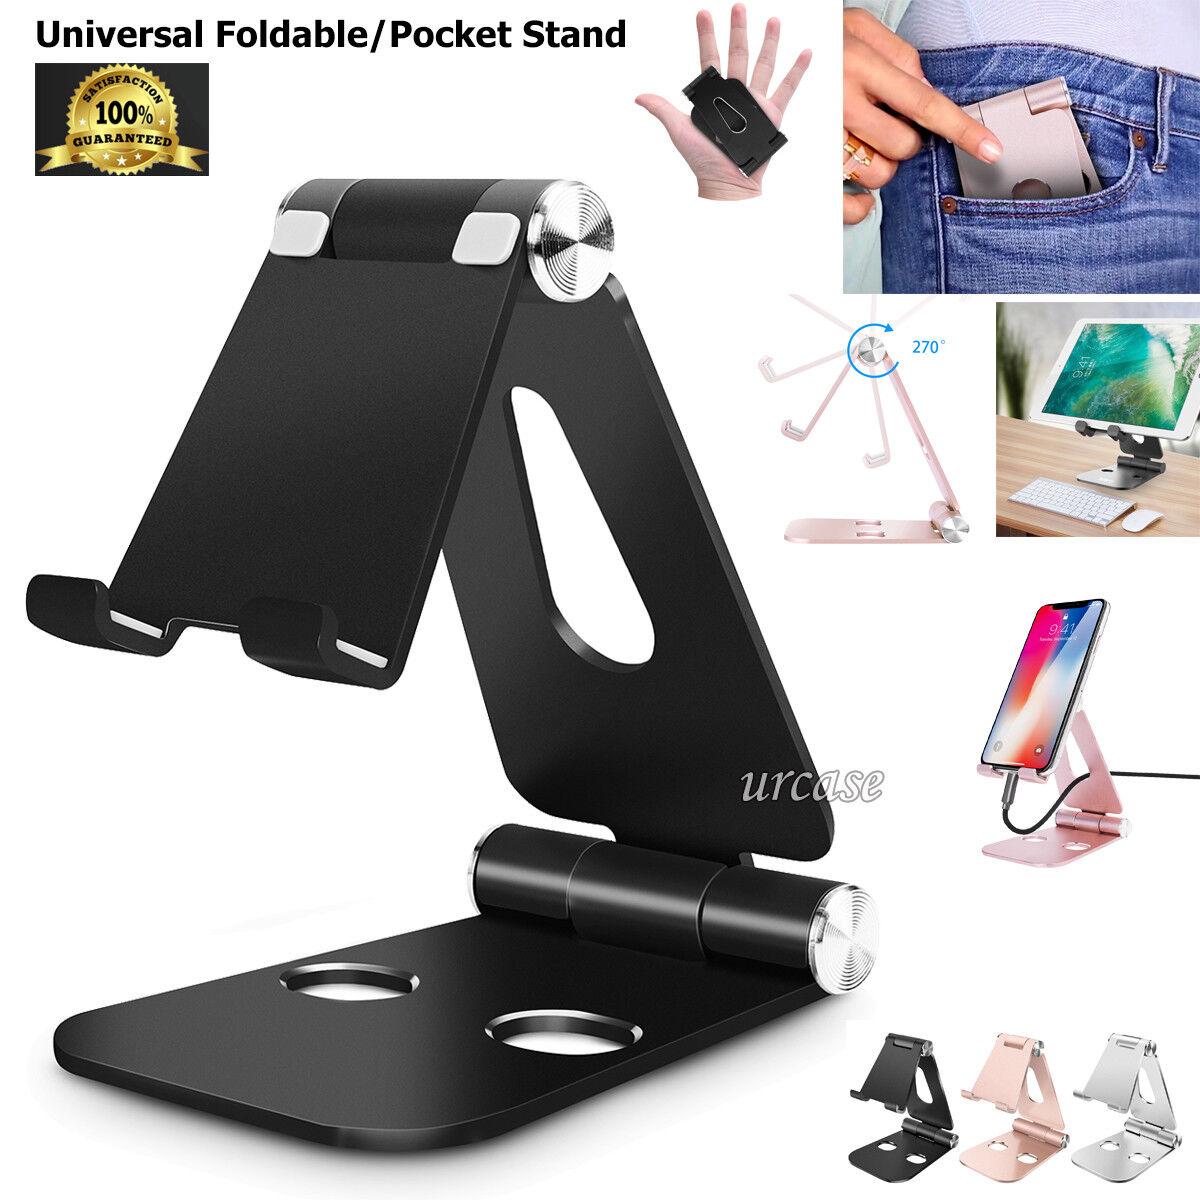 Universal Foldable Aluminum Desk Stand Adjustable Holder Fr